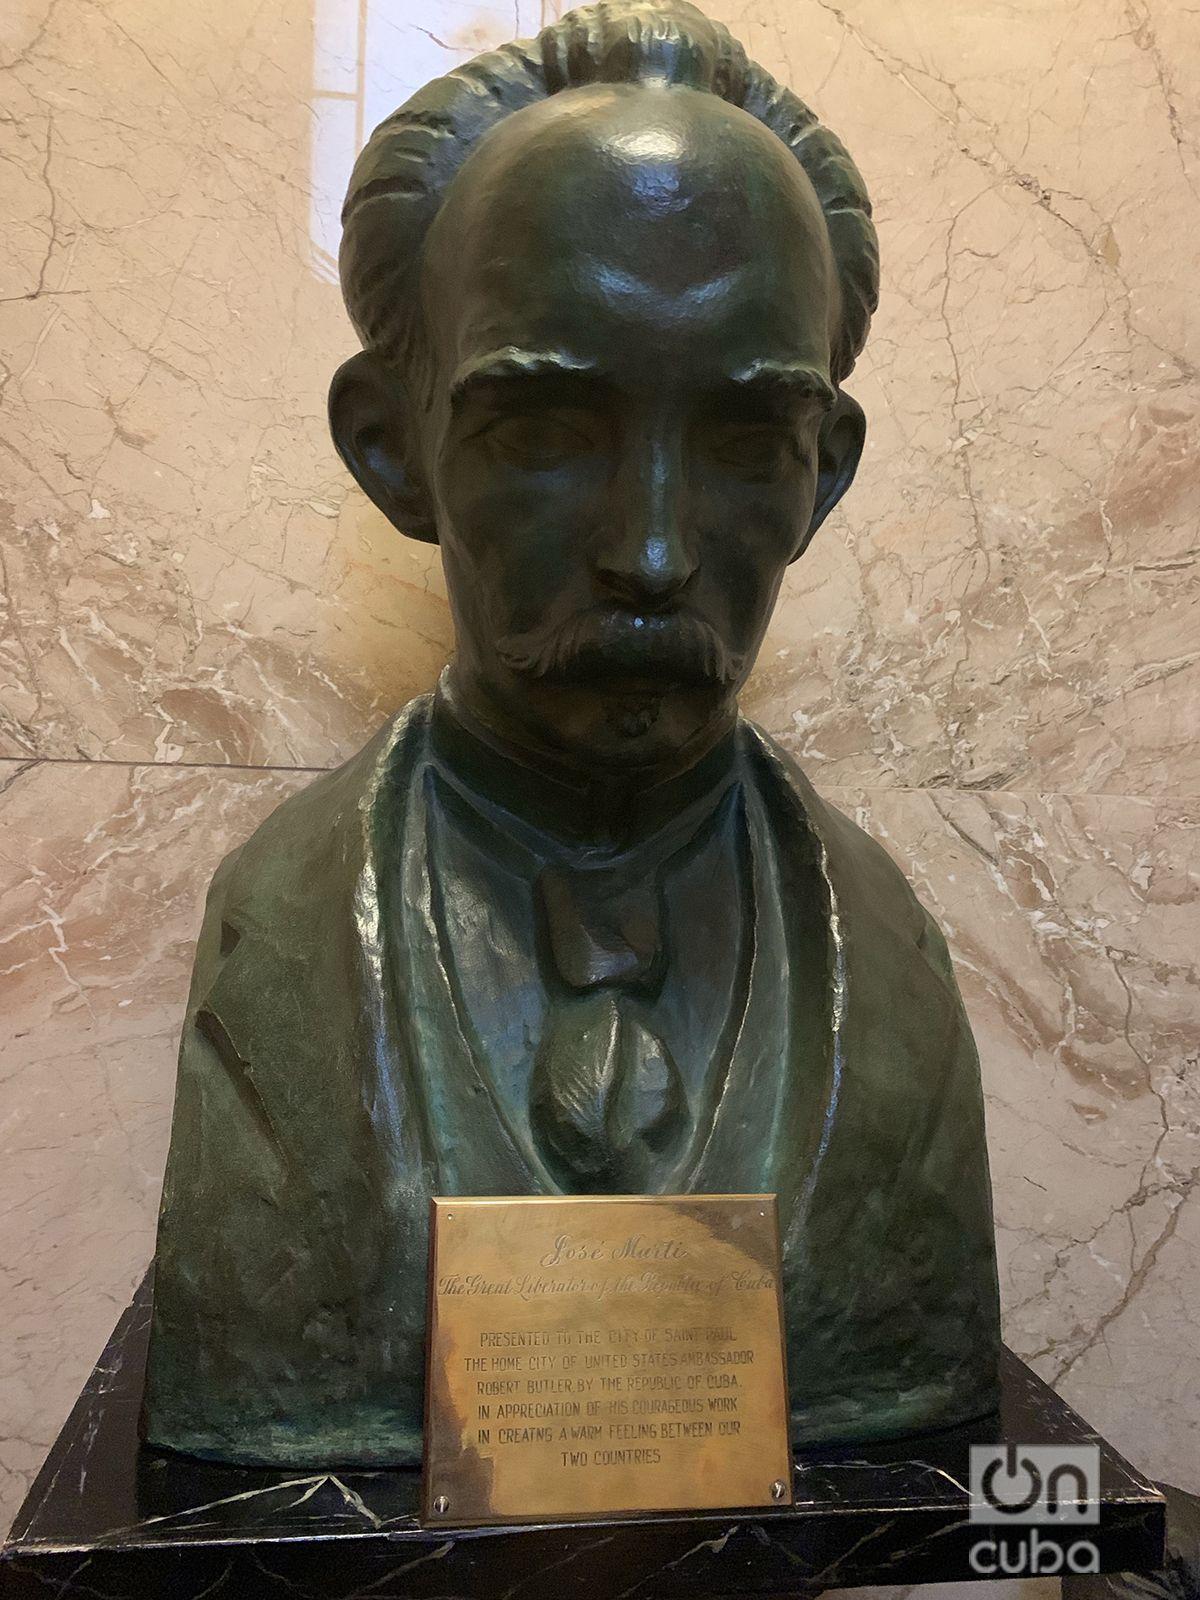 Busto de Martí donado por Cuba a la ciudad de Saint Paul. Foto: Sixela Ametller.